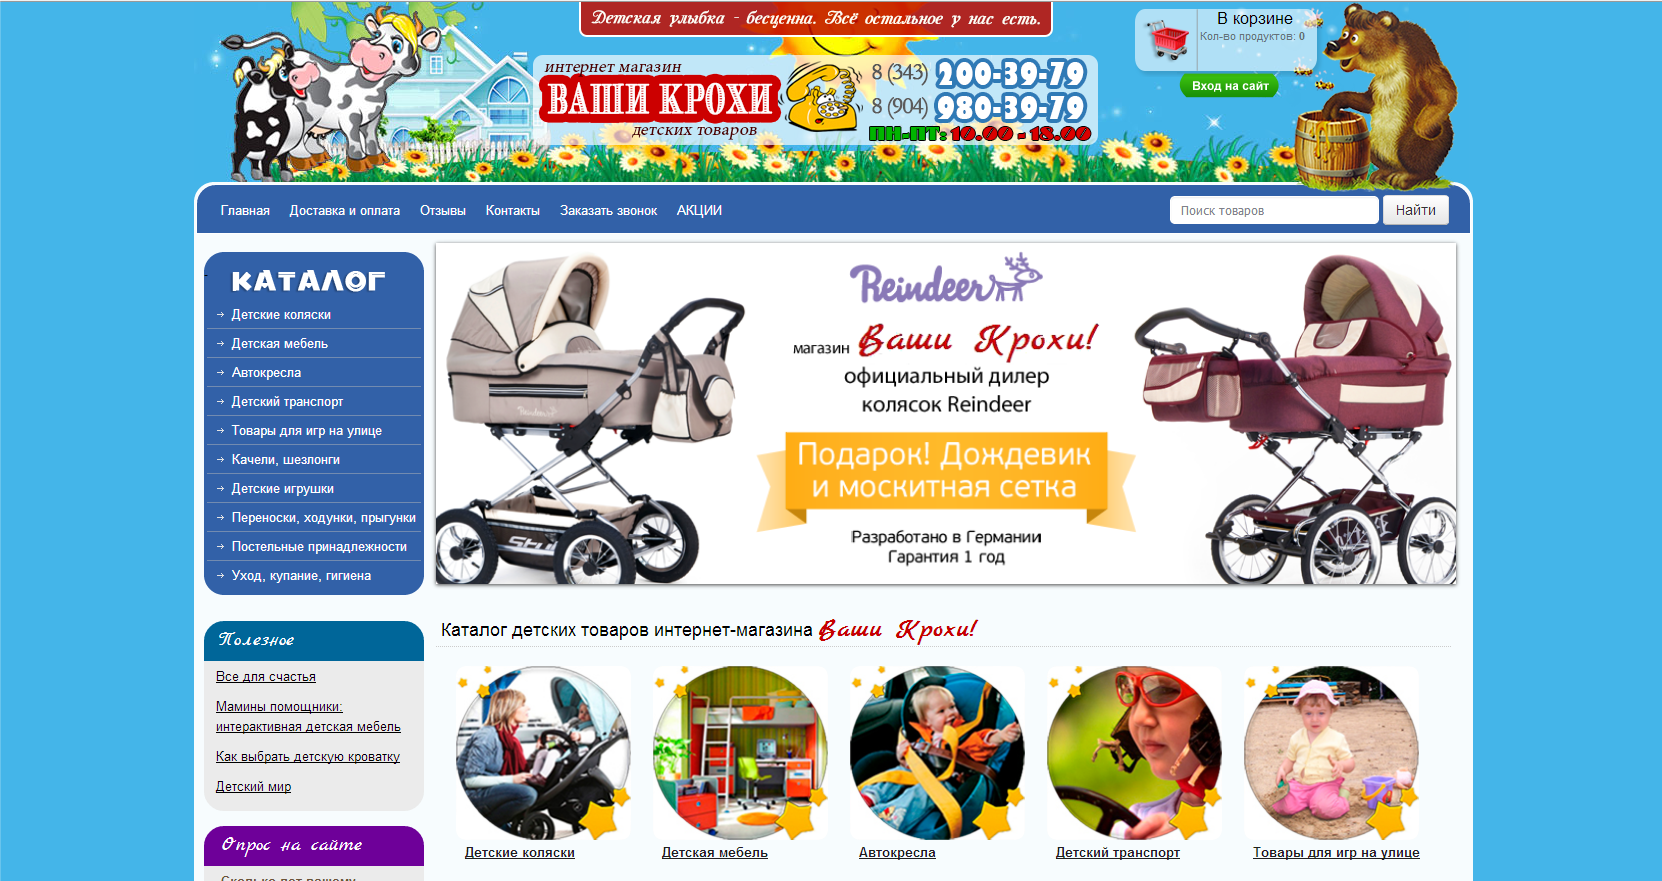 Каталог детских товаров, купить детские товары в интернет магазине Екатеринбурга недорого